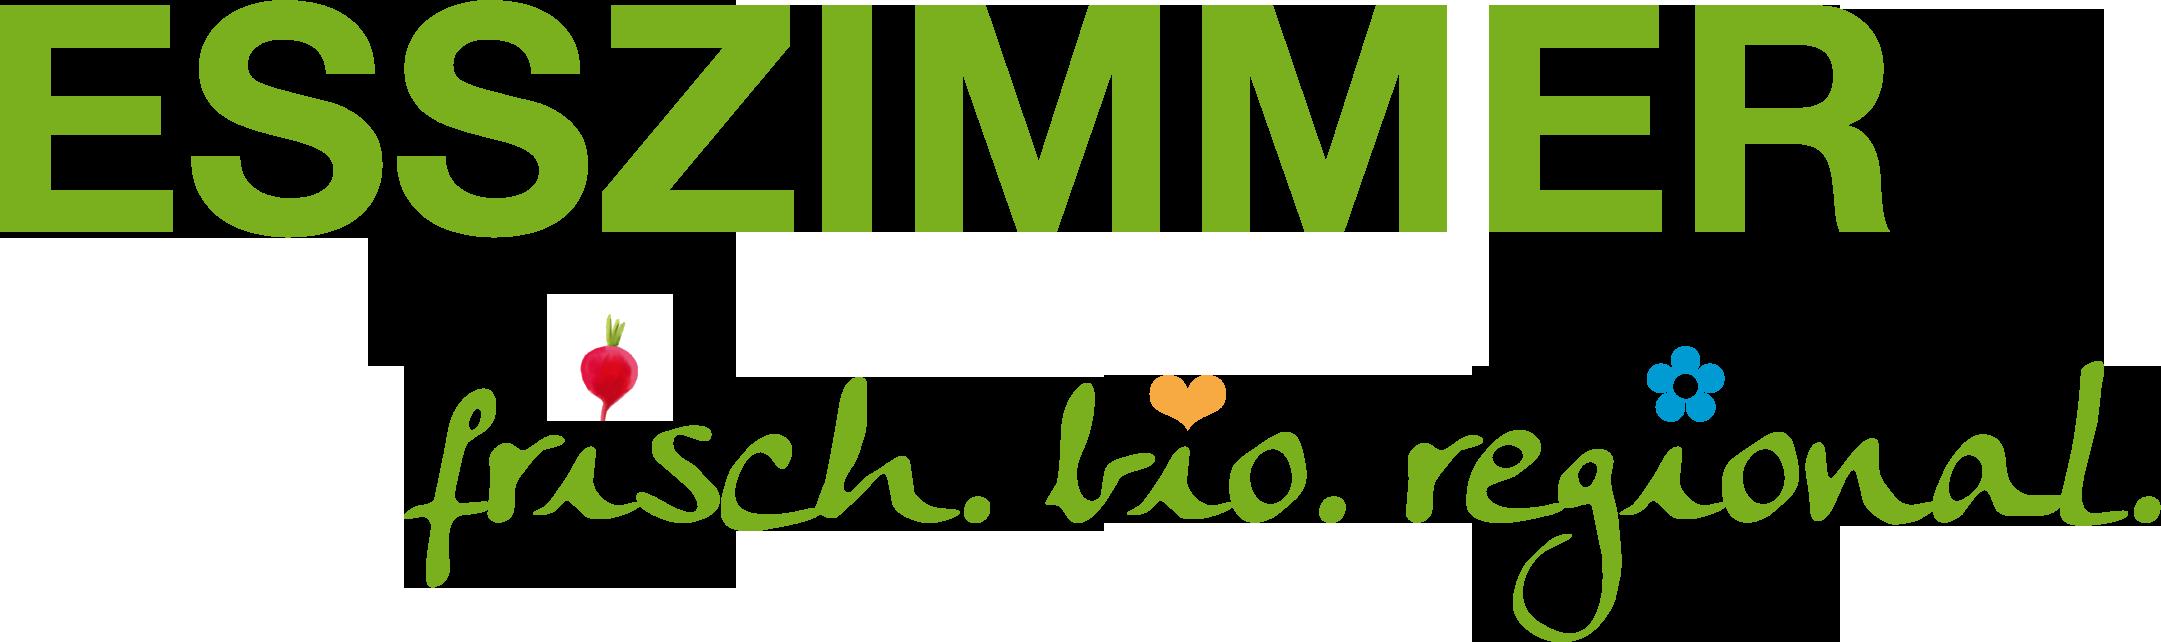 Esszimmer | Die Bio Kantine In Leutkirch